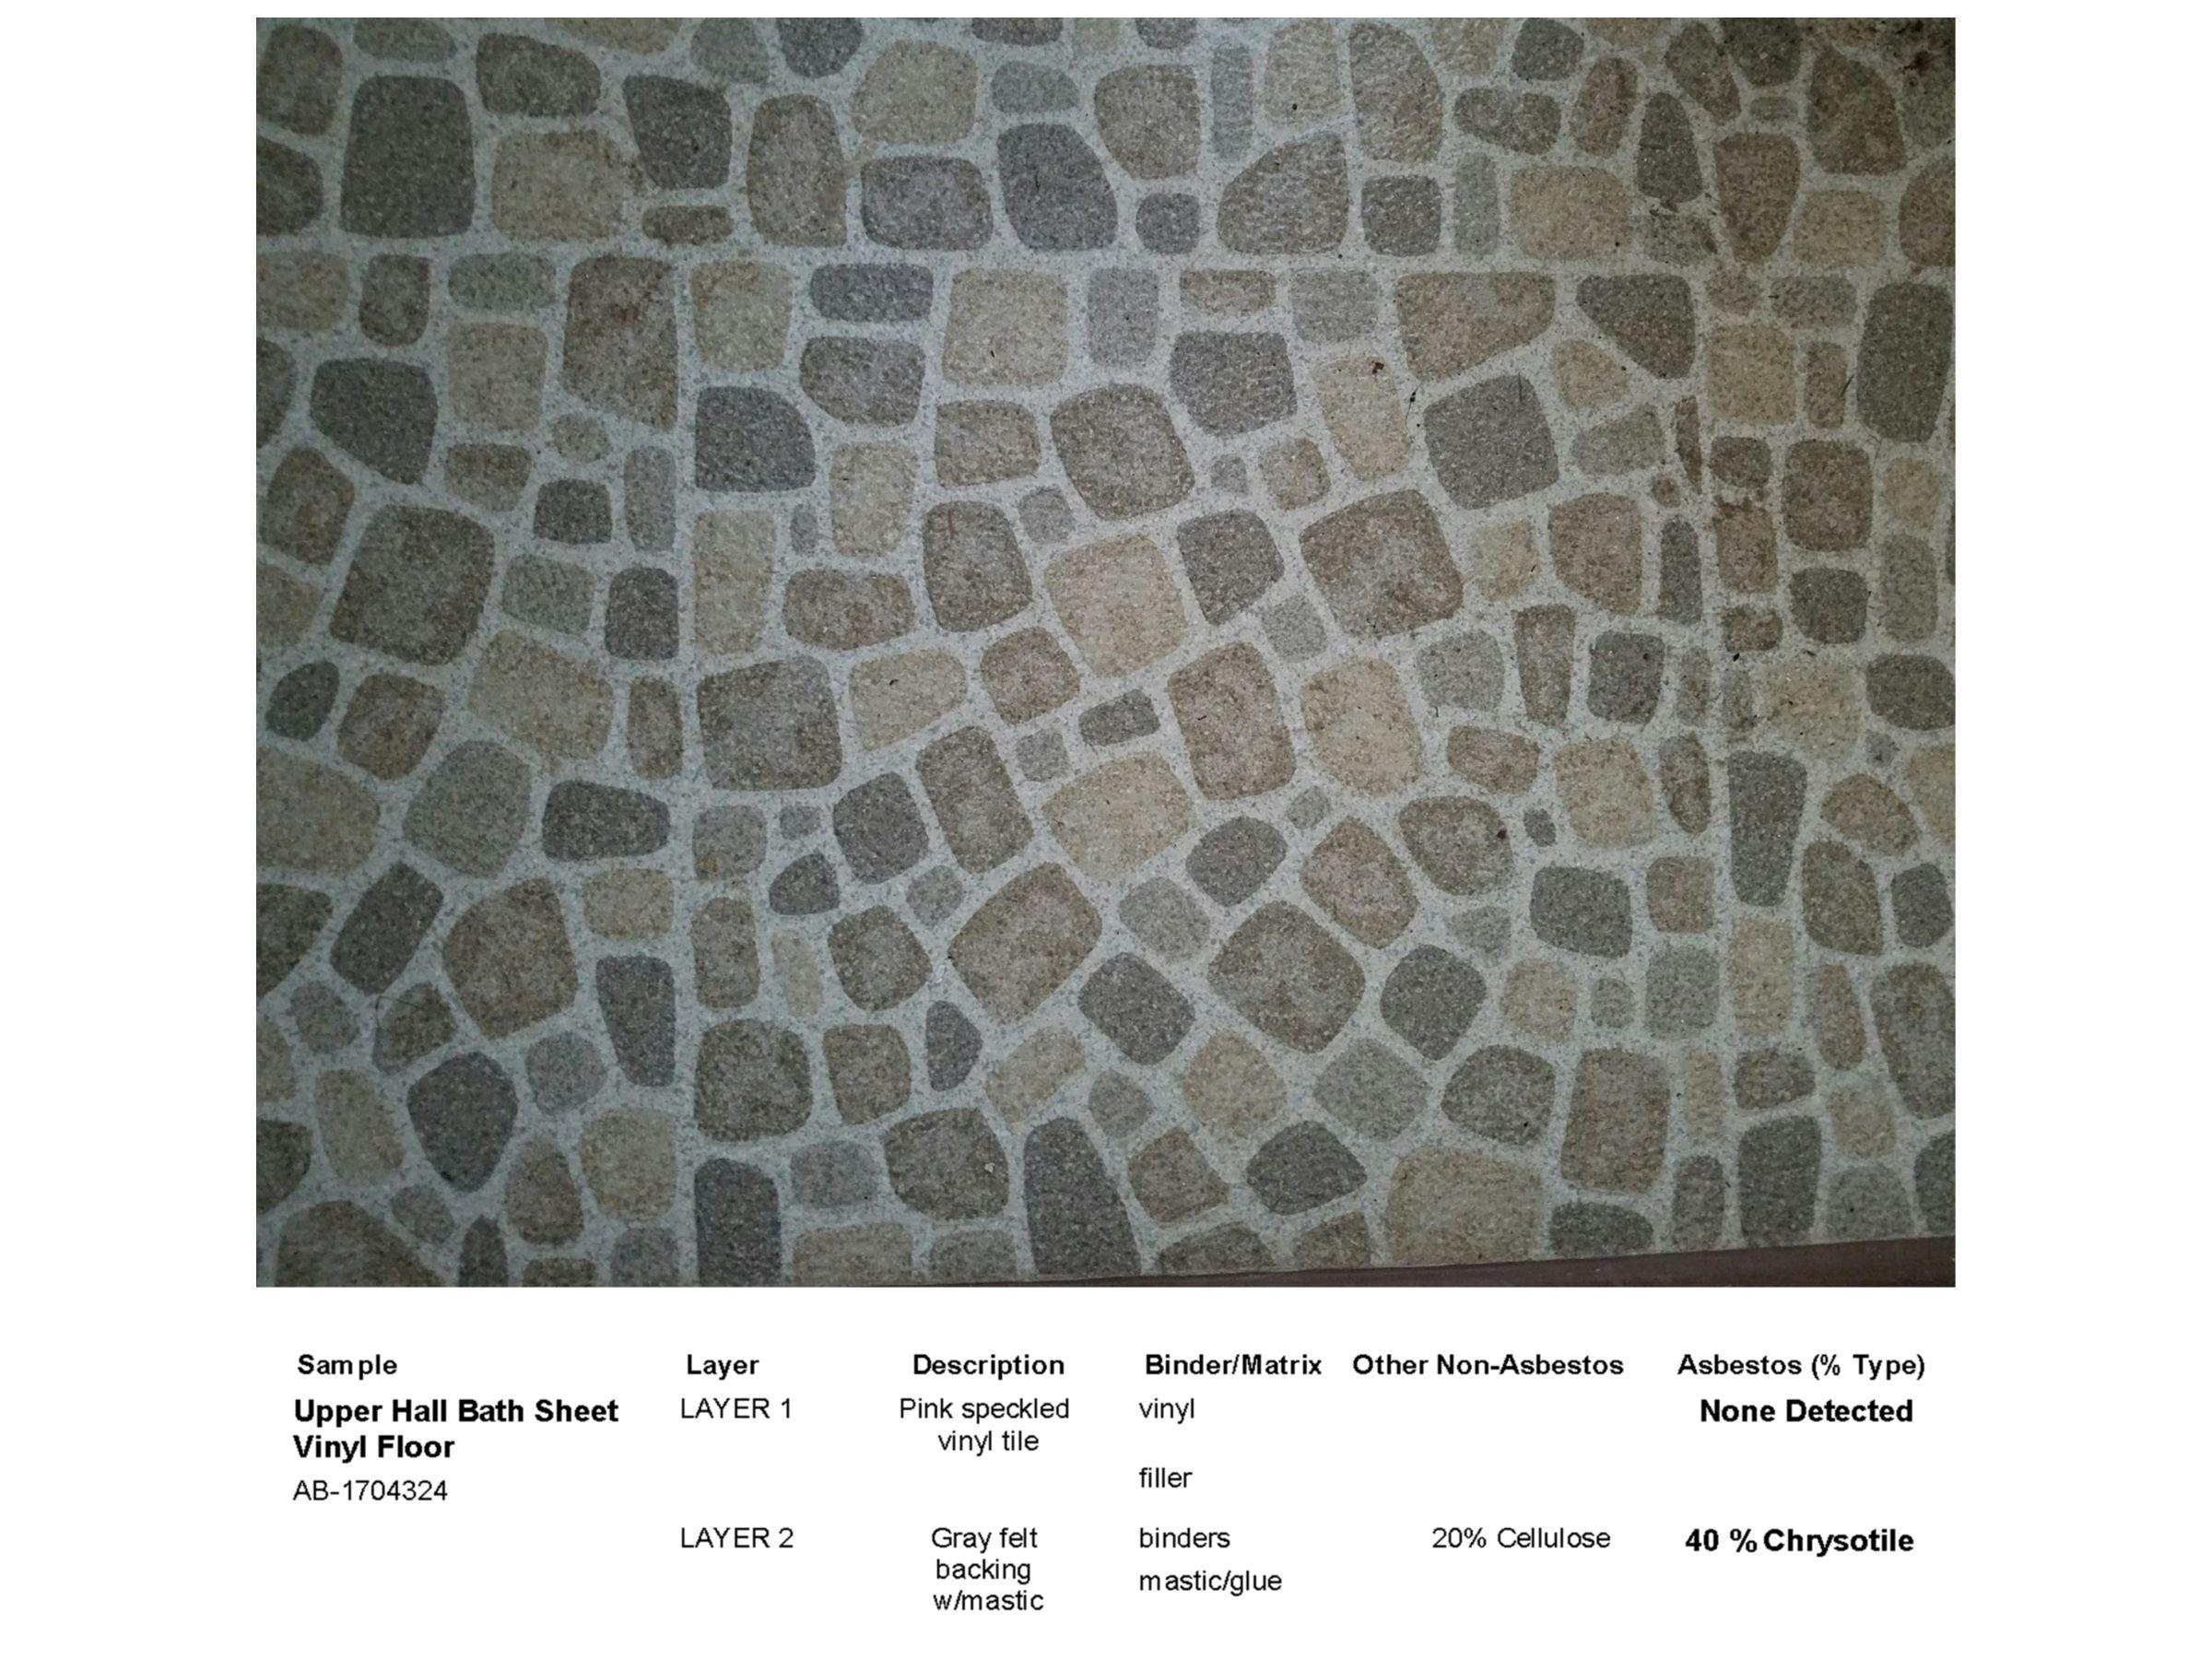 A Popular Sheet Vinyl Floor Covering From The Mid 20th Century Vinyl Floor Covering Vinyl Flooring Flooring